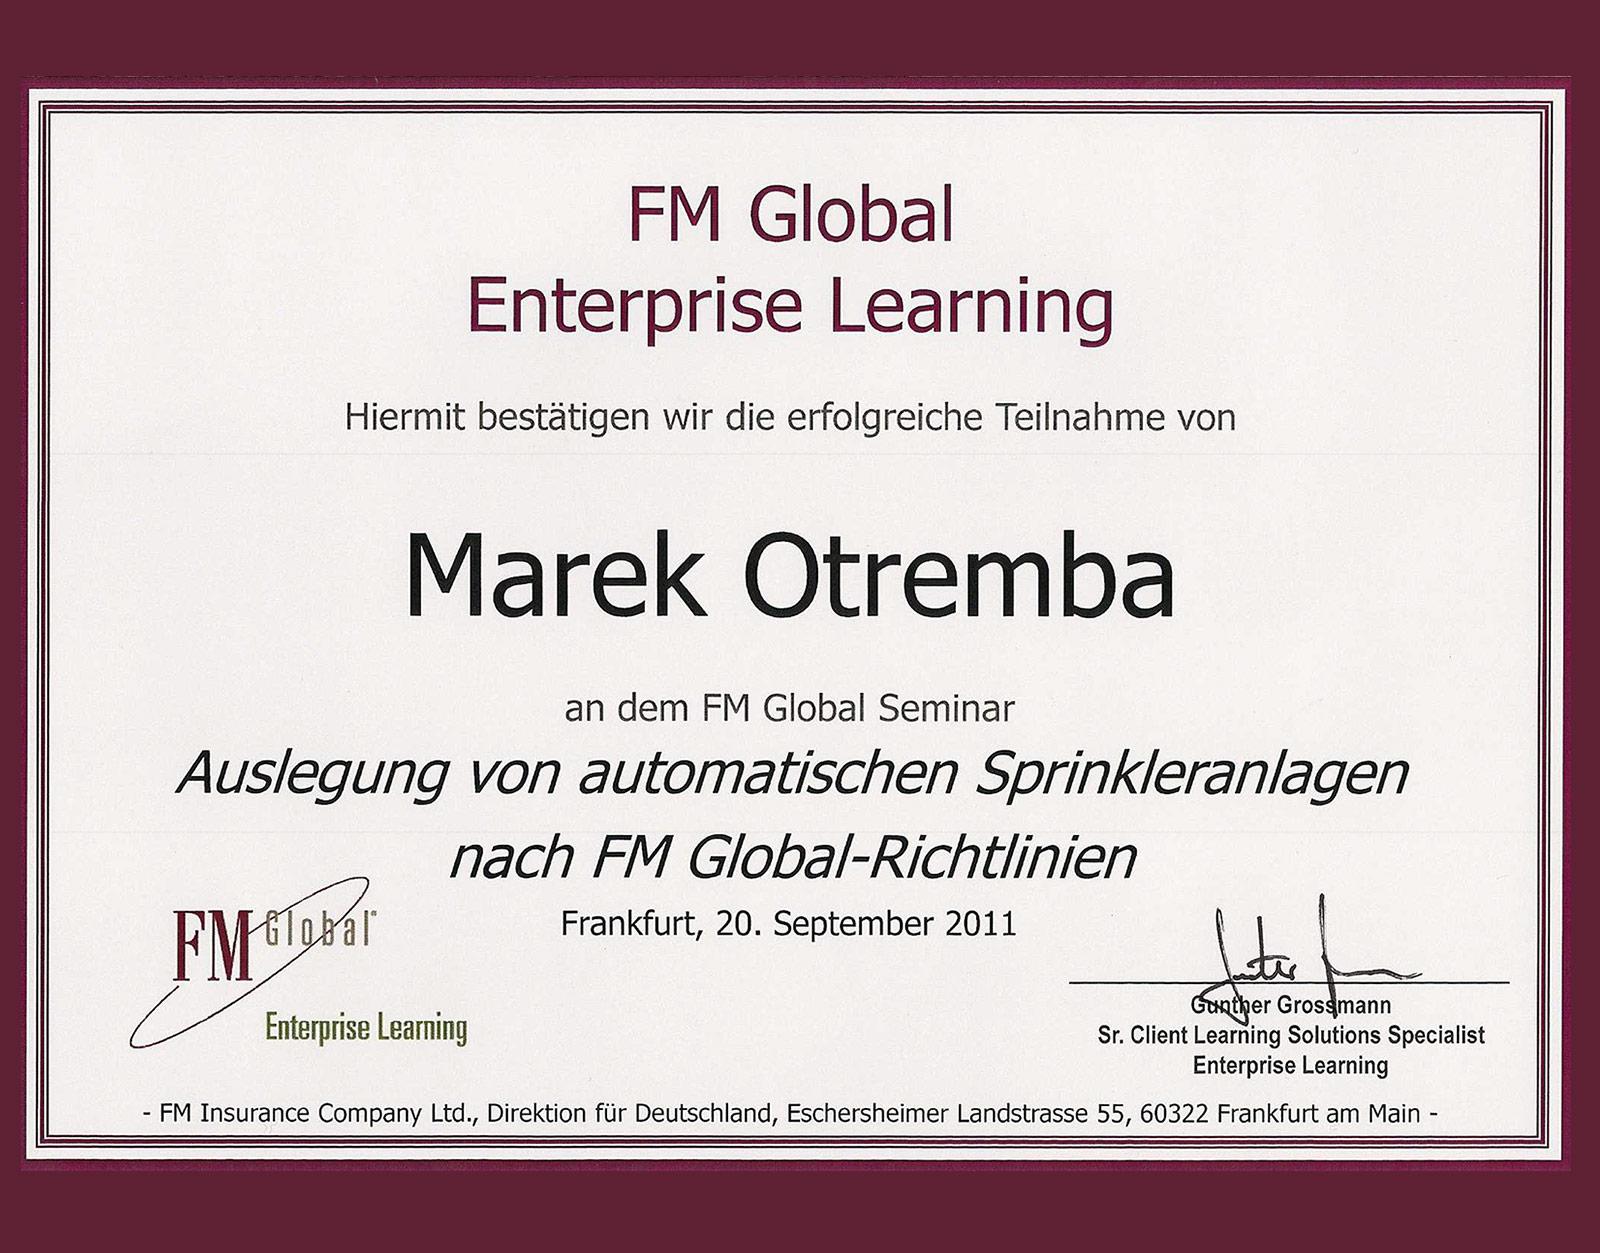 certyfikaty_fm-global-projektowanie-marek